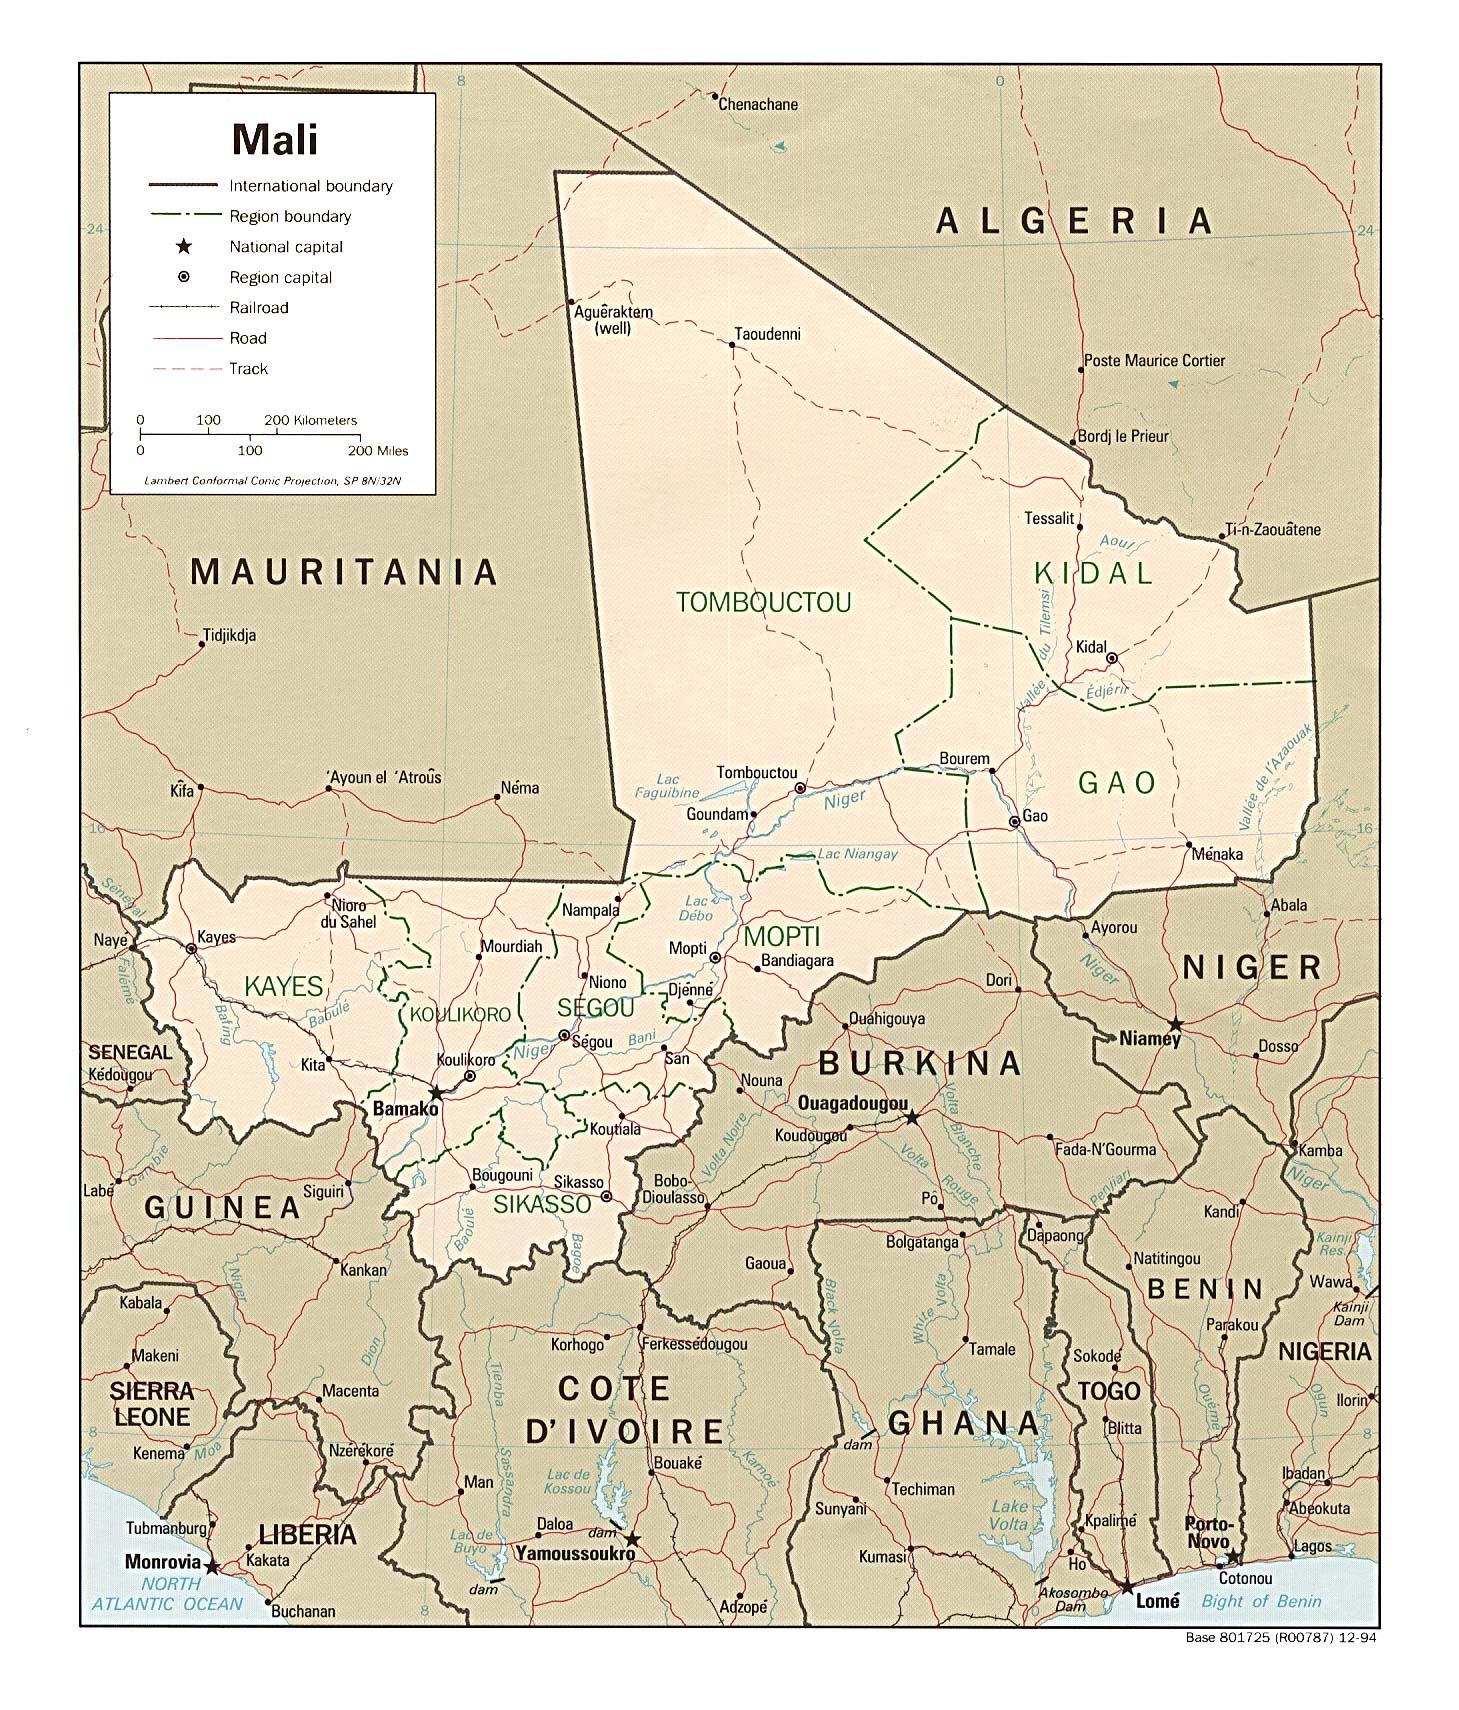 Carte géopolitique du Mali